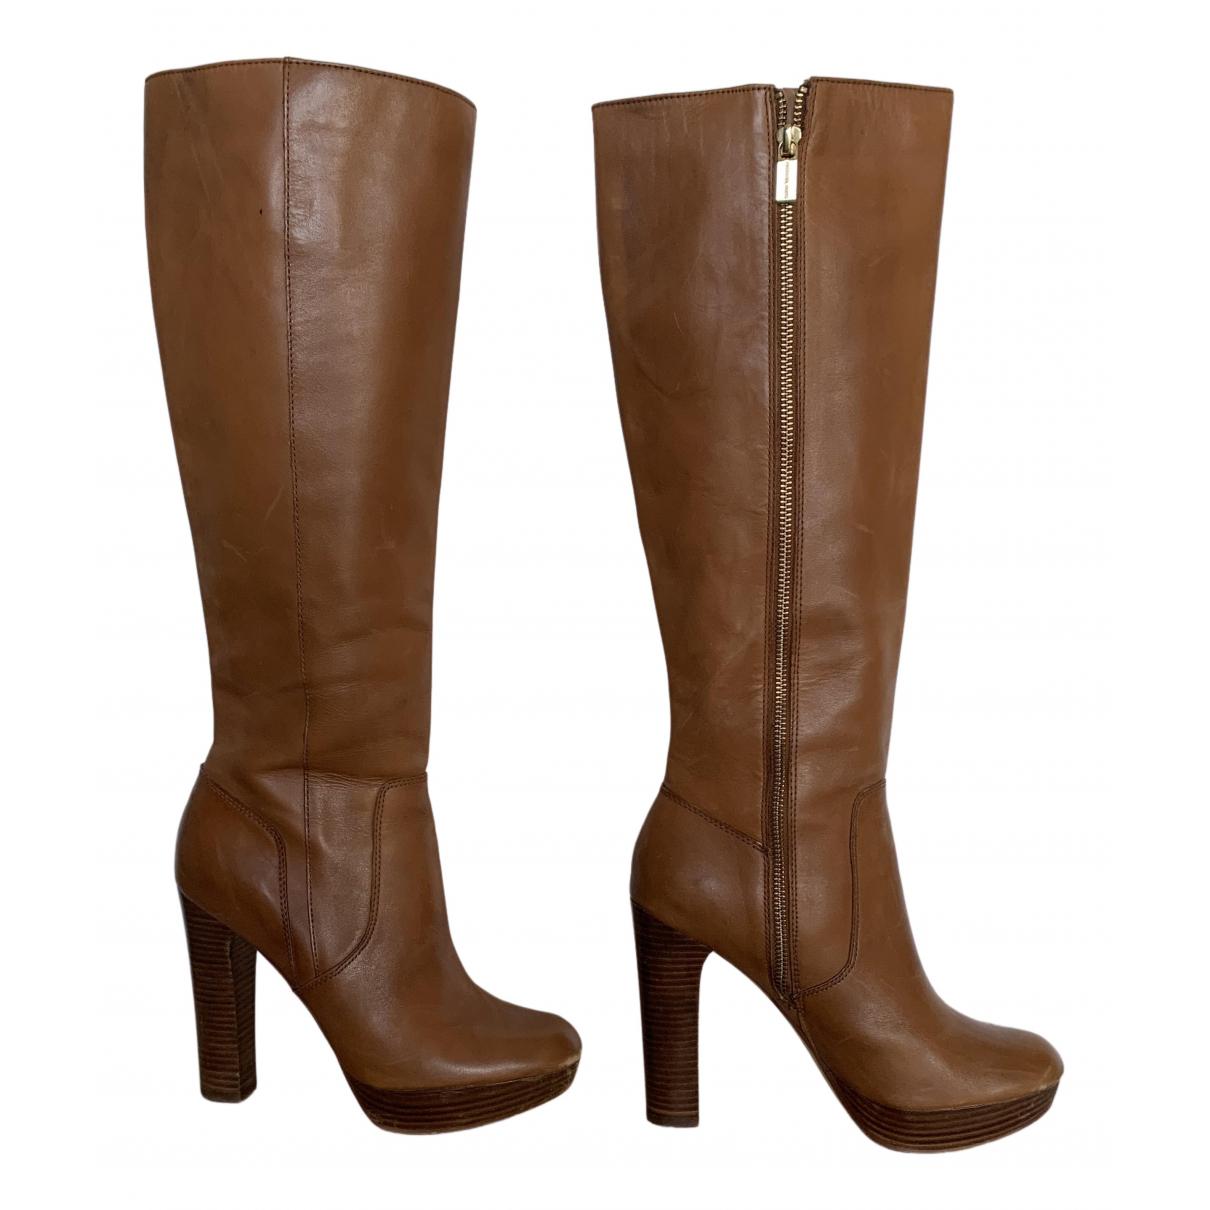 Michael Kors - Bottes   pour femme en cuir - marron